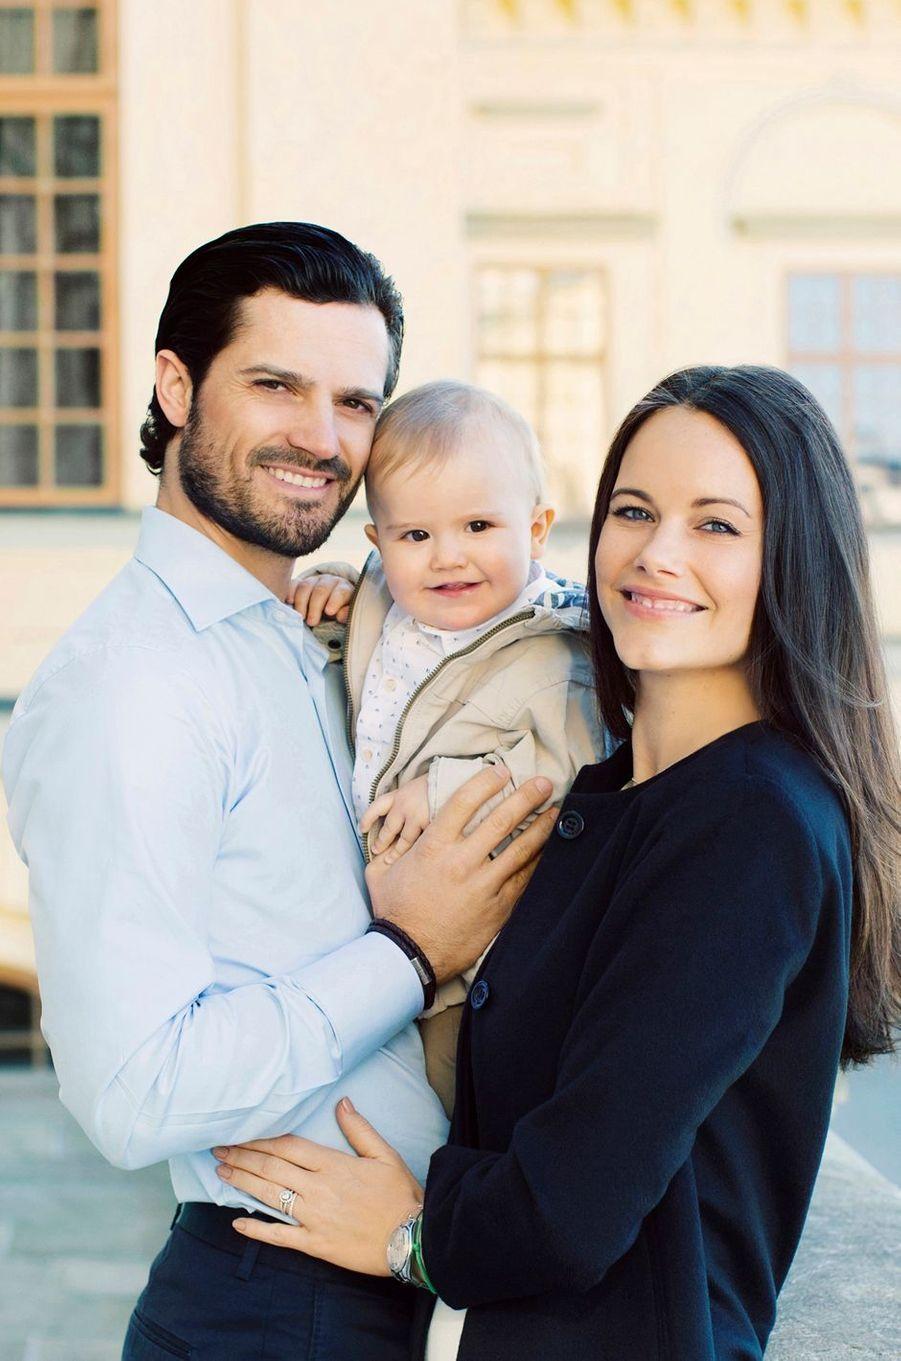 Le prince Alexander de Suède avec ses parents la princesse Sofia et le prince Carl Philip. Photo diffusée le 19 avril 2017